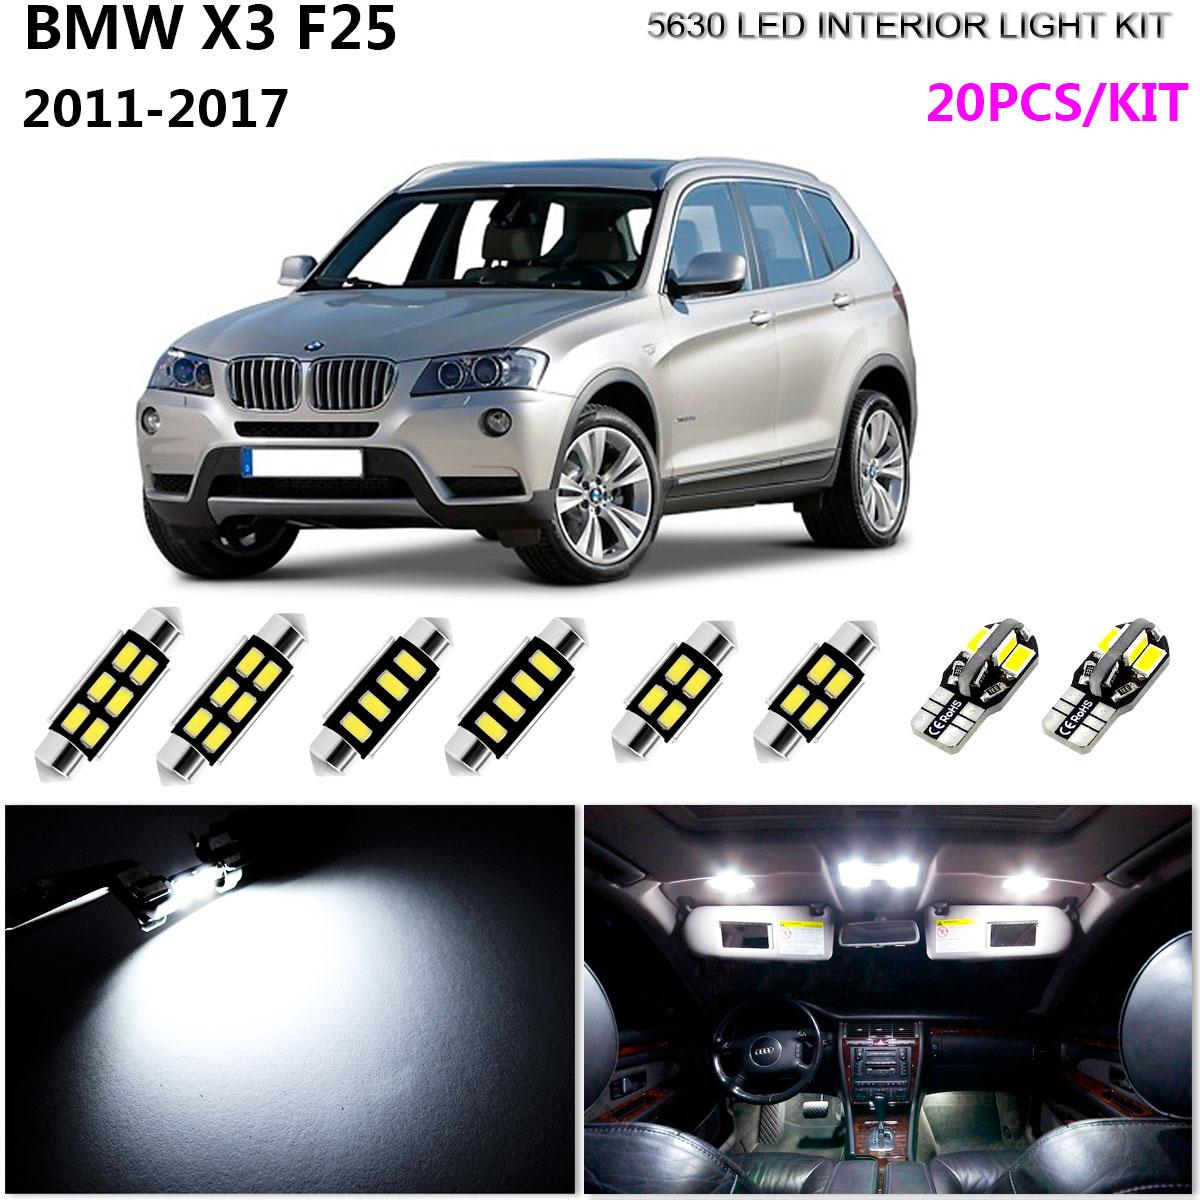 20Pcs LED HID Xenon White 6000K Interior Dome Light Kit